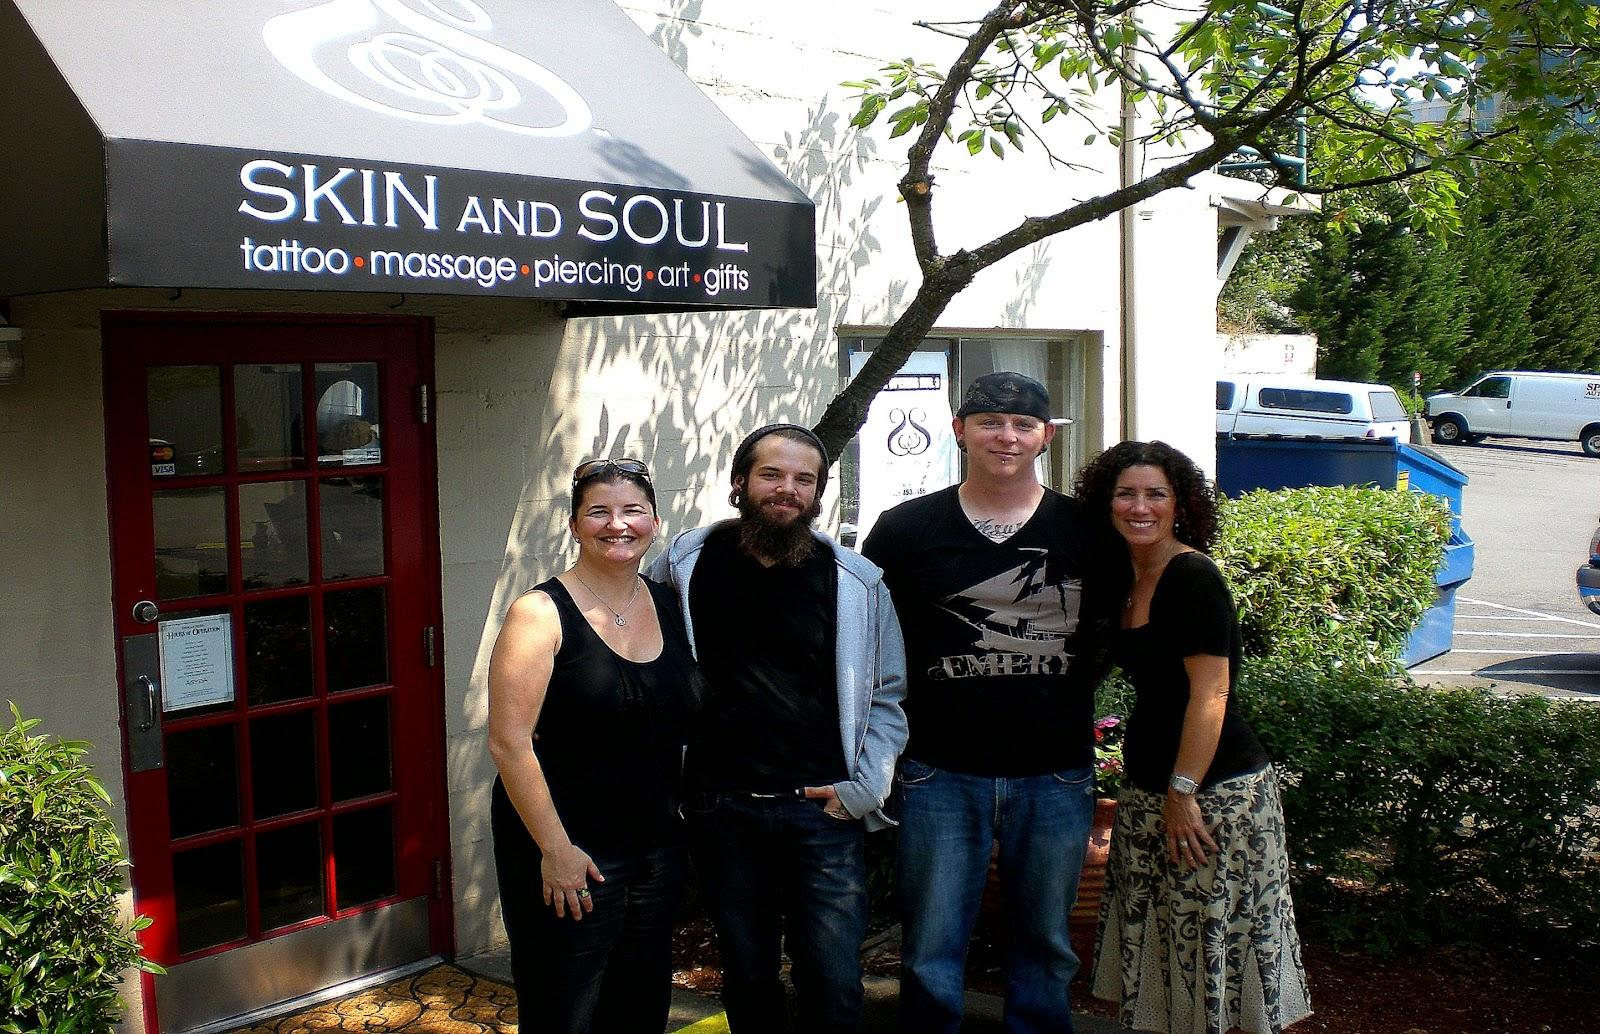 Skin and Soul Body Art Studio Now Open in Downtown Bellevue